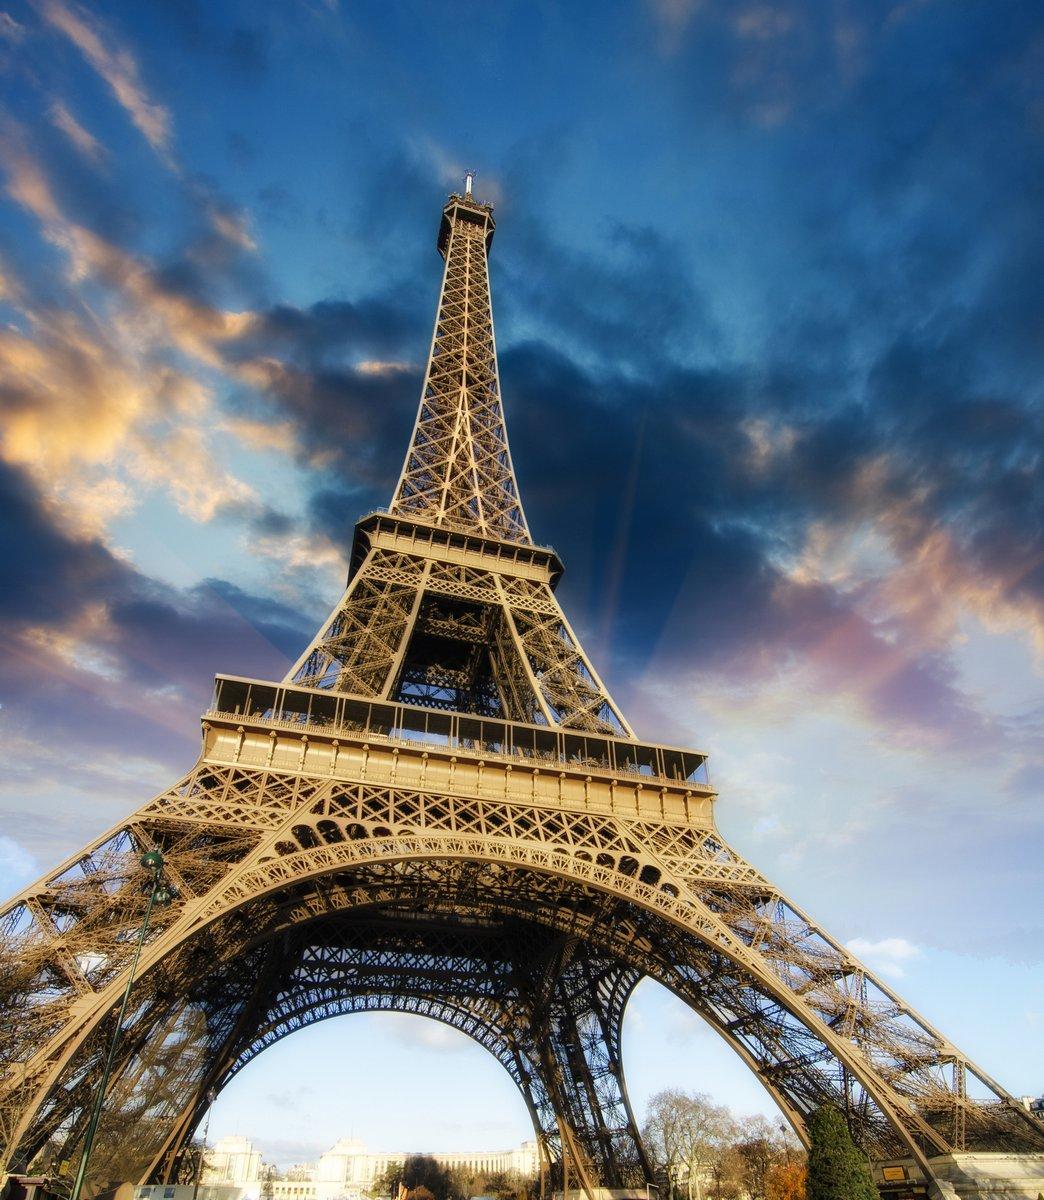 """Постер Города и карты """"Эйфелева башня в Париже"""", 20x23 см, на бумаге от Artwall"""